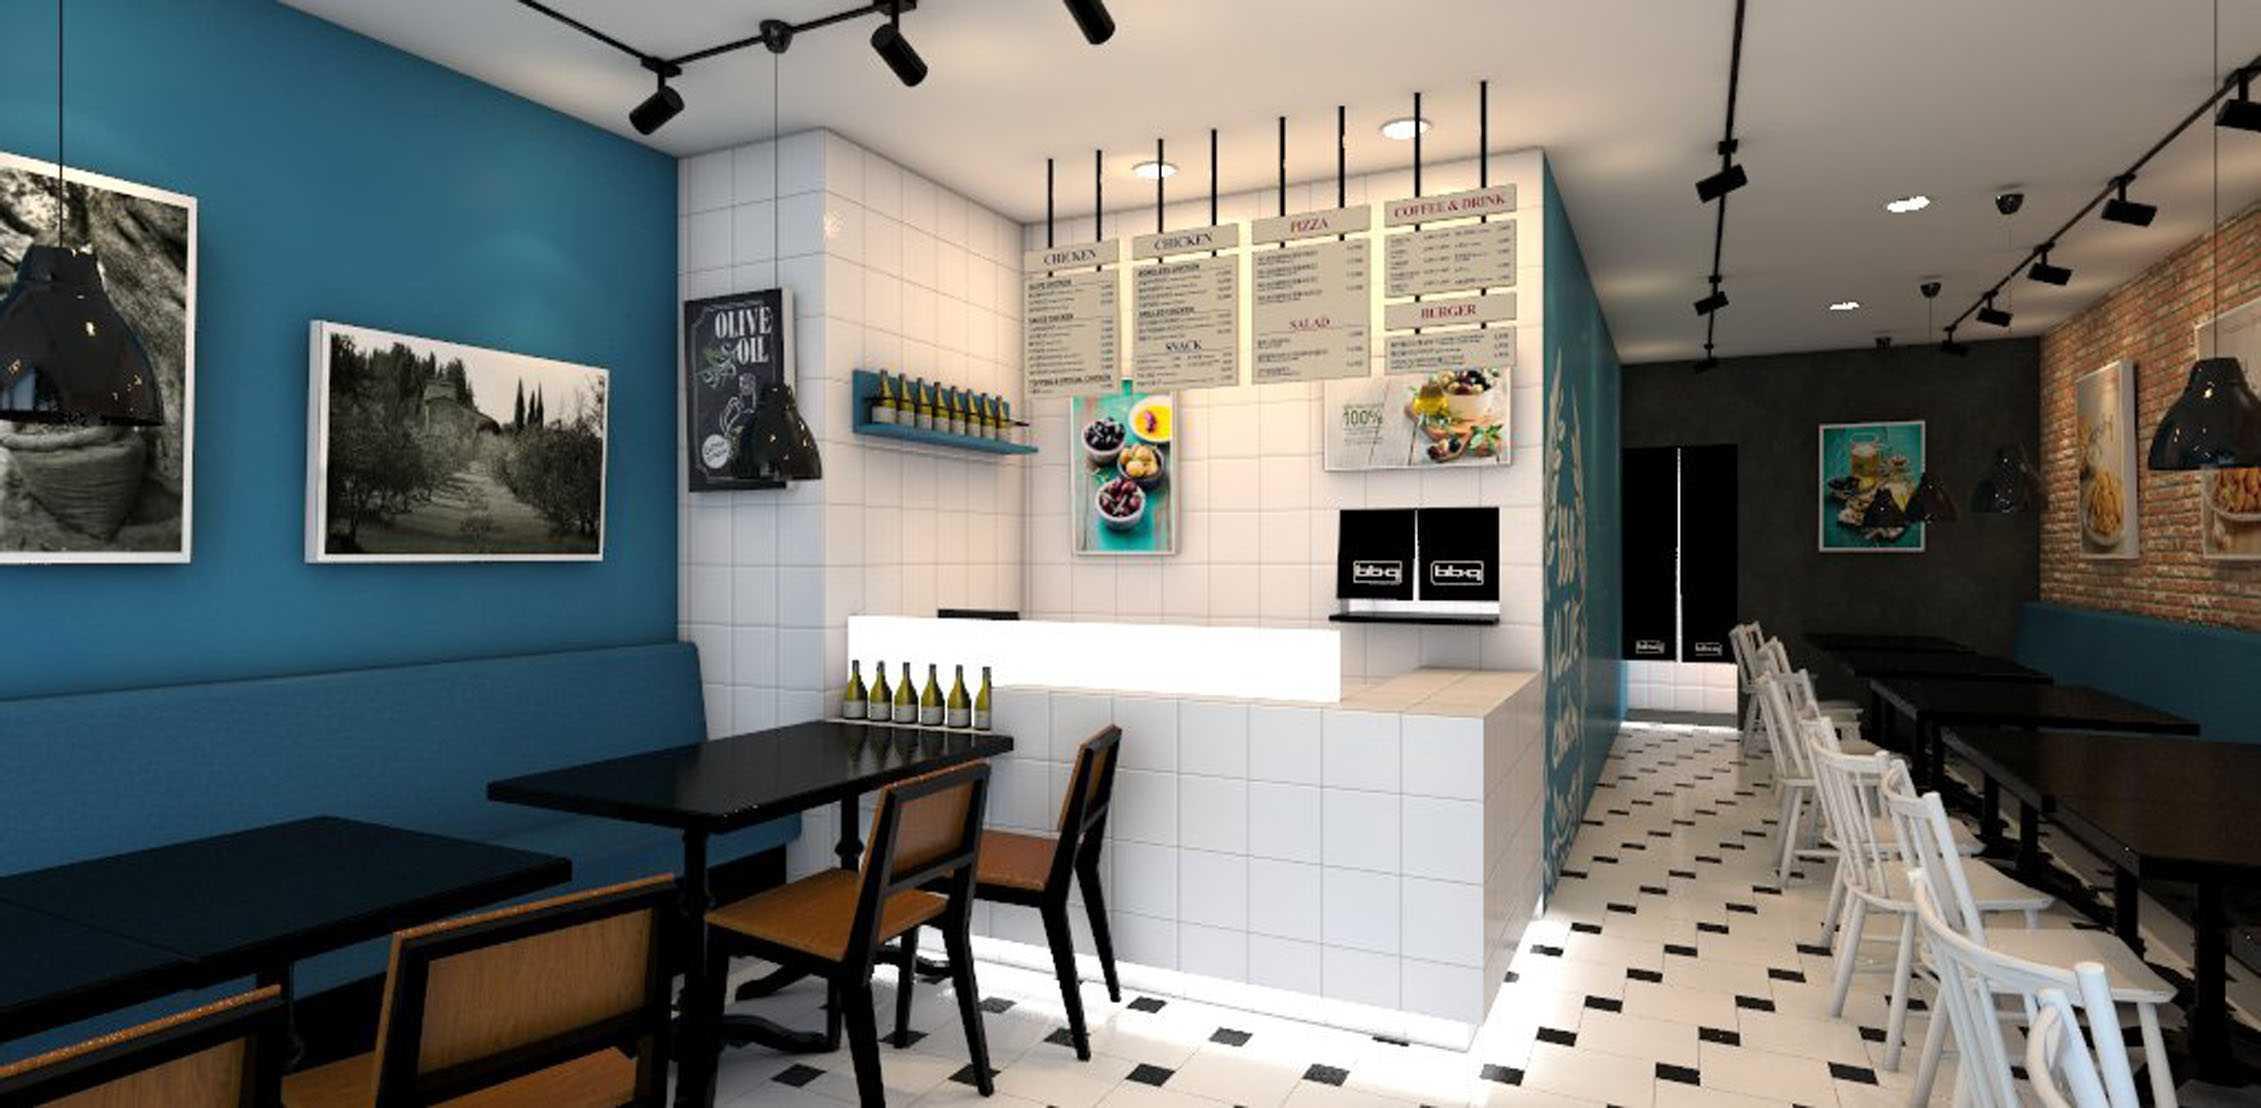 Segitiga Studio Bbqc Jakarta Jakarta Dining Area   22620